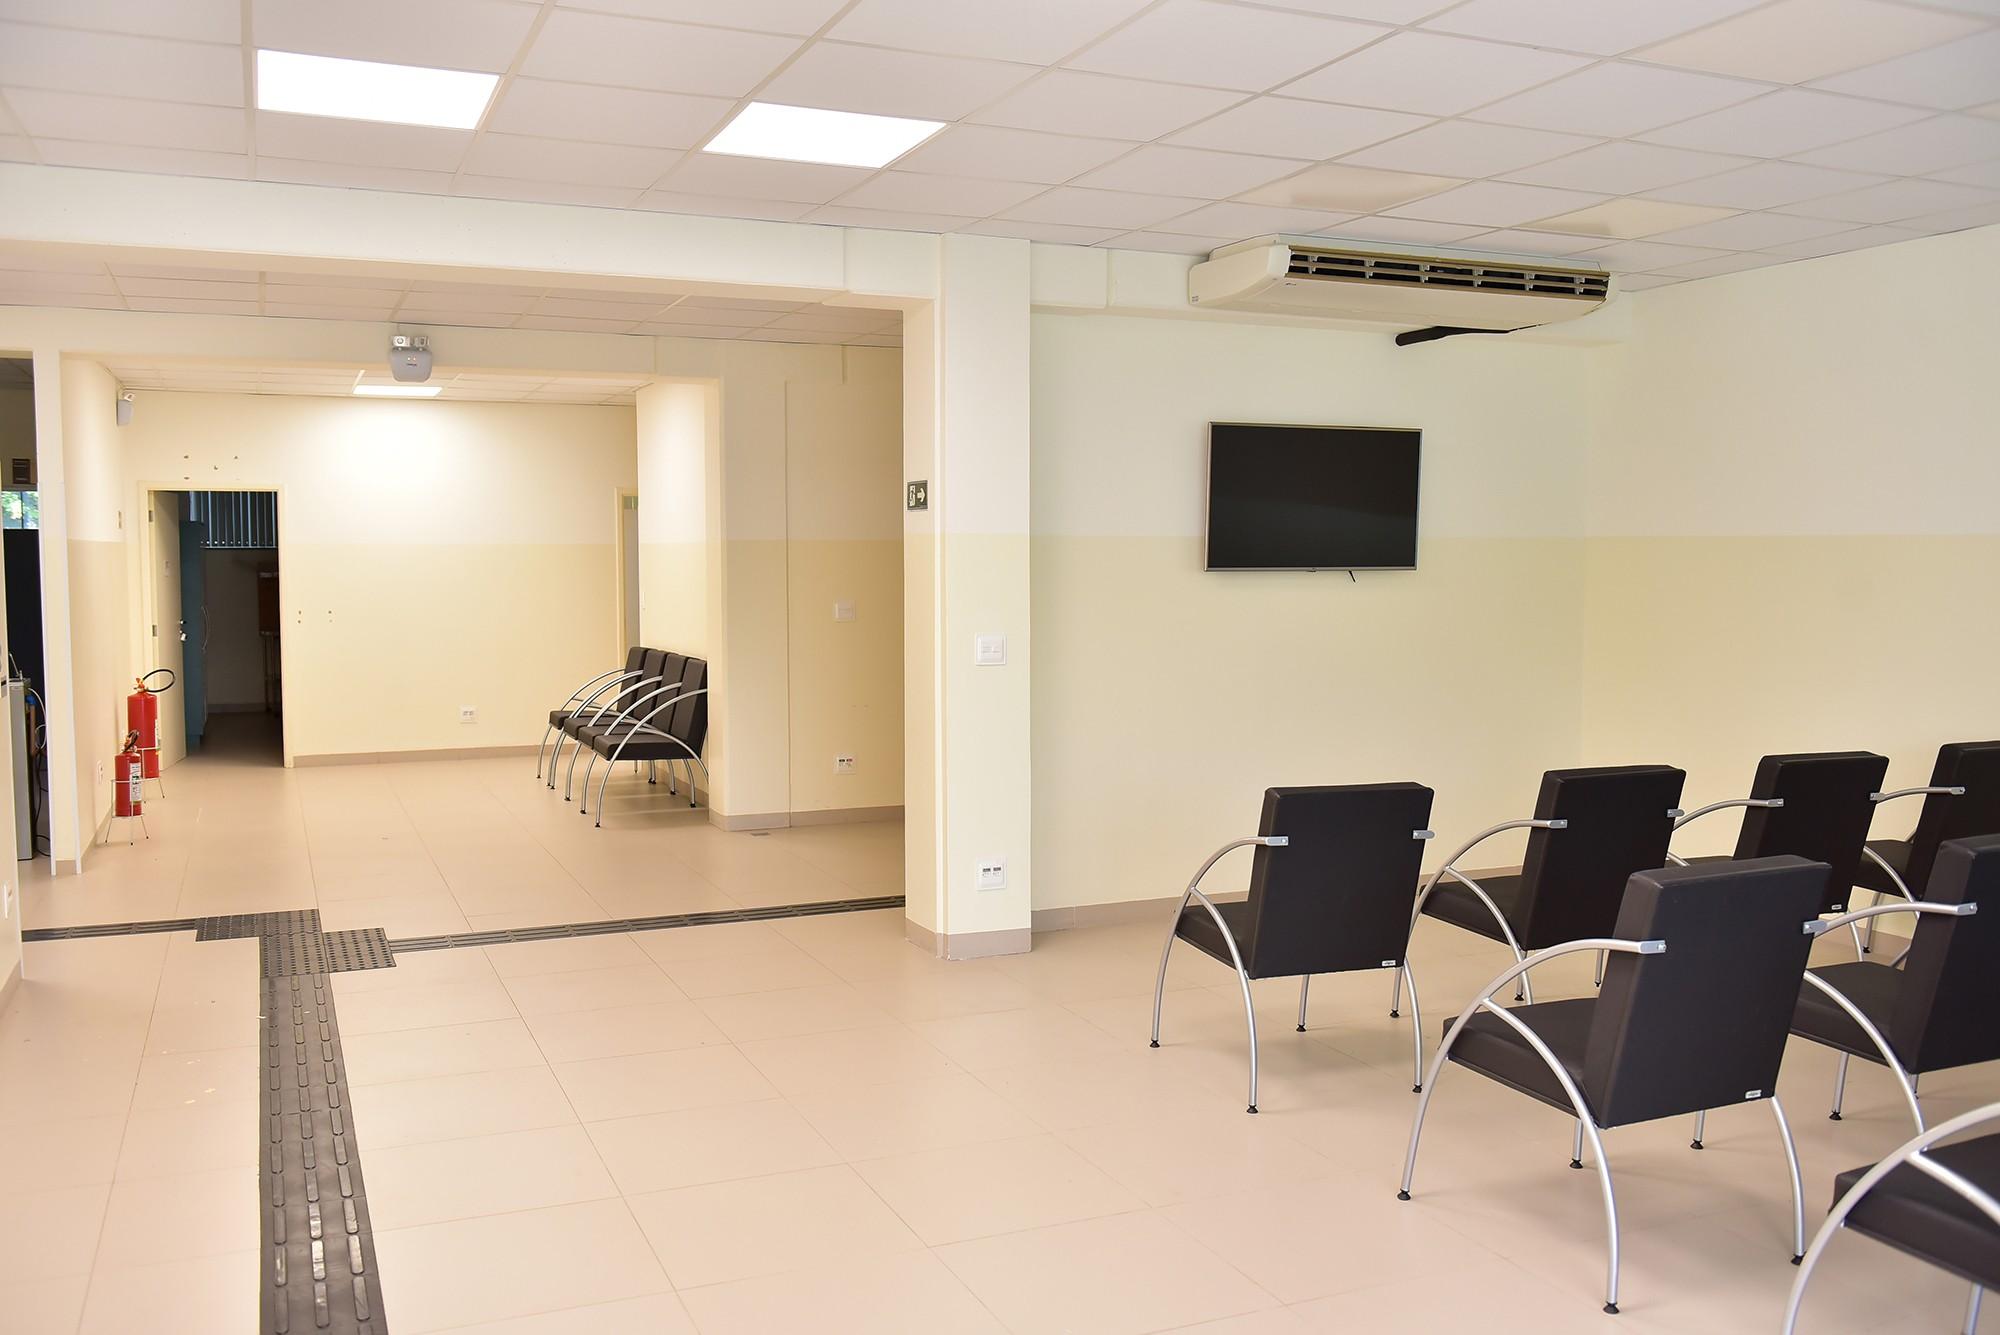 Prefeitura transfere Centro Municipal de Especialidades para novo prédio em Presidente Prudente